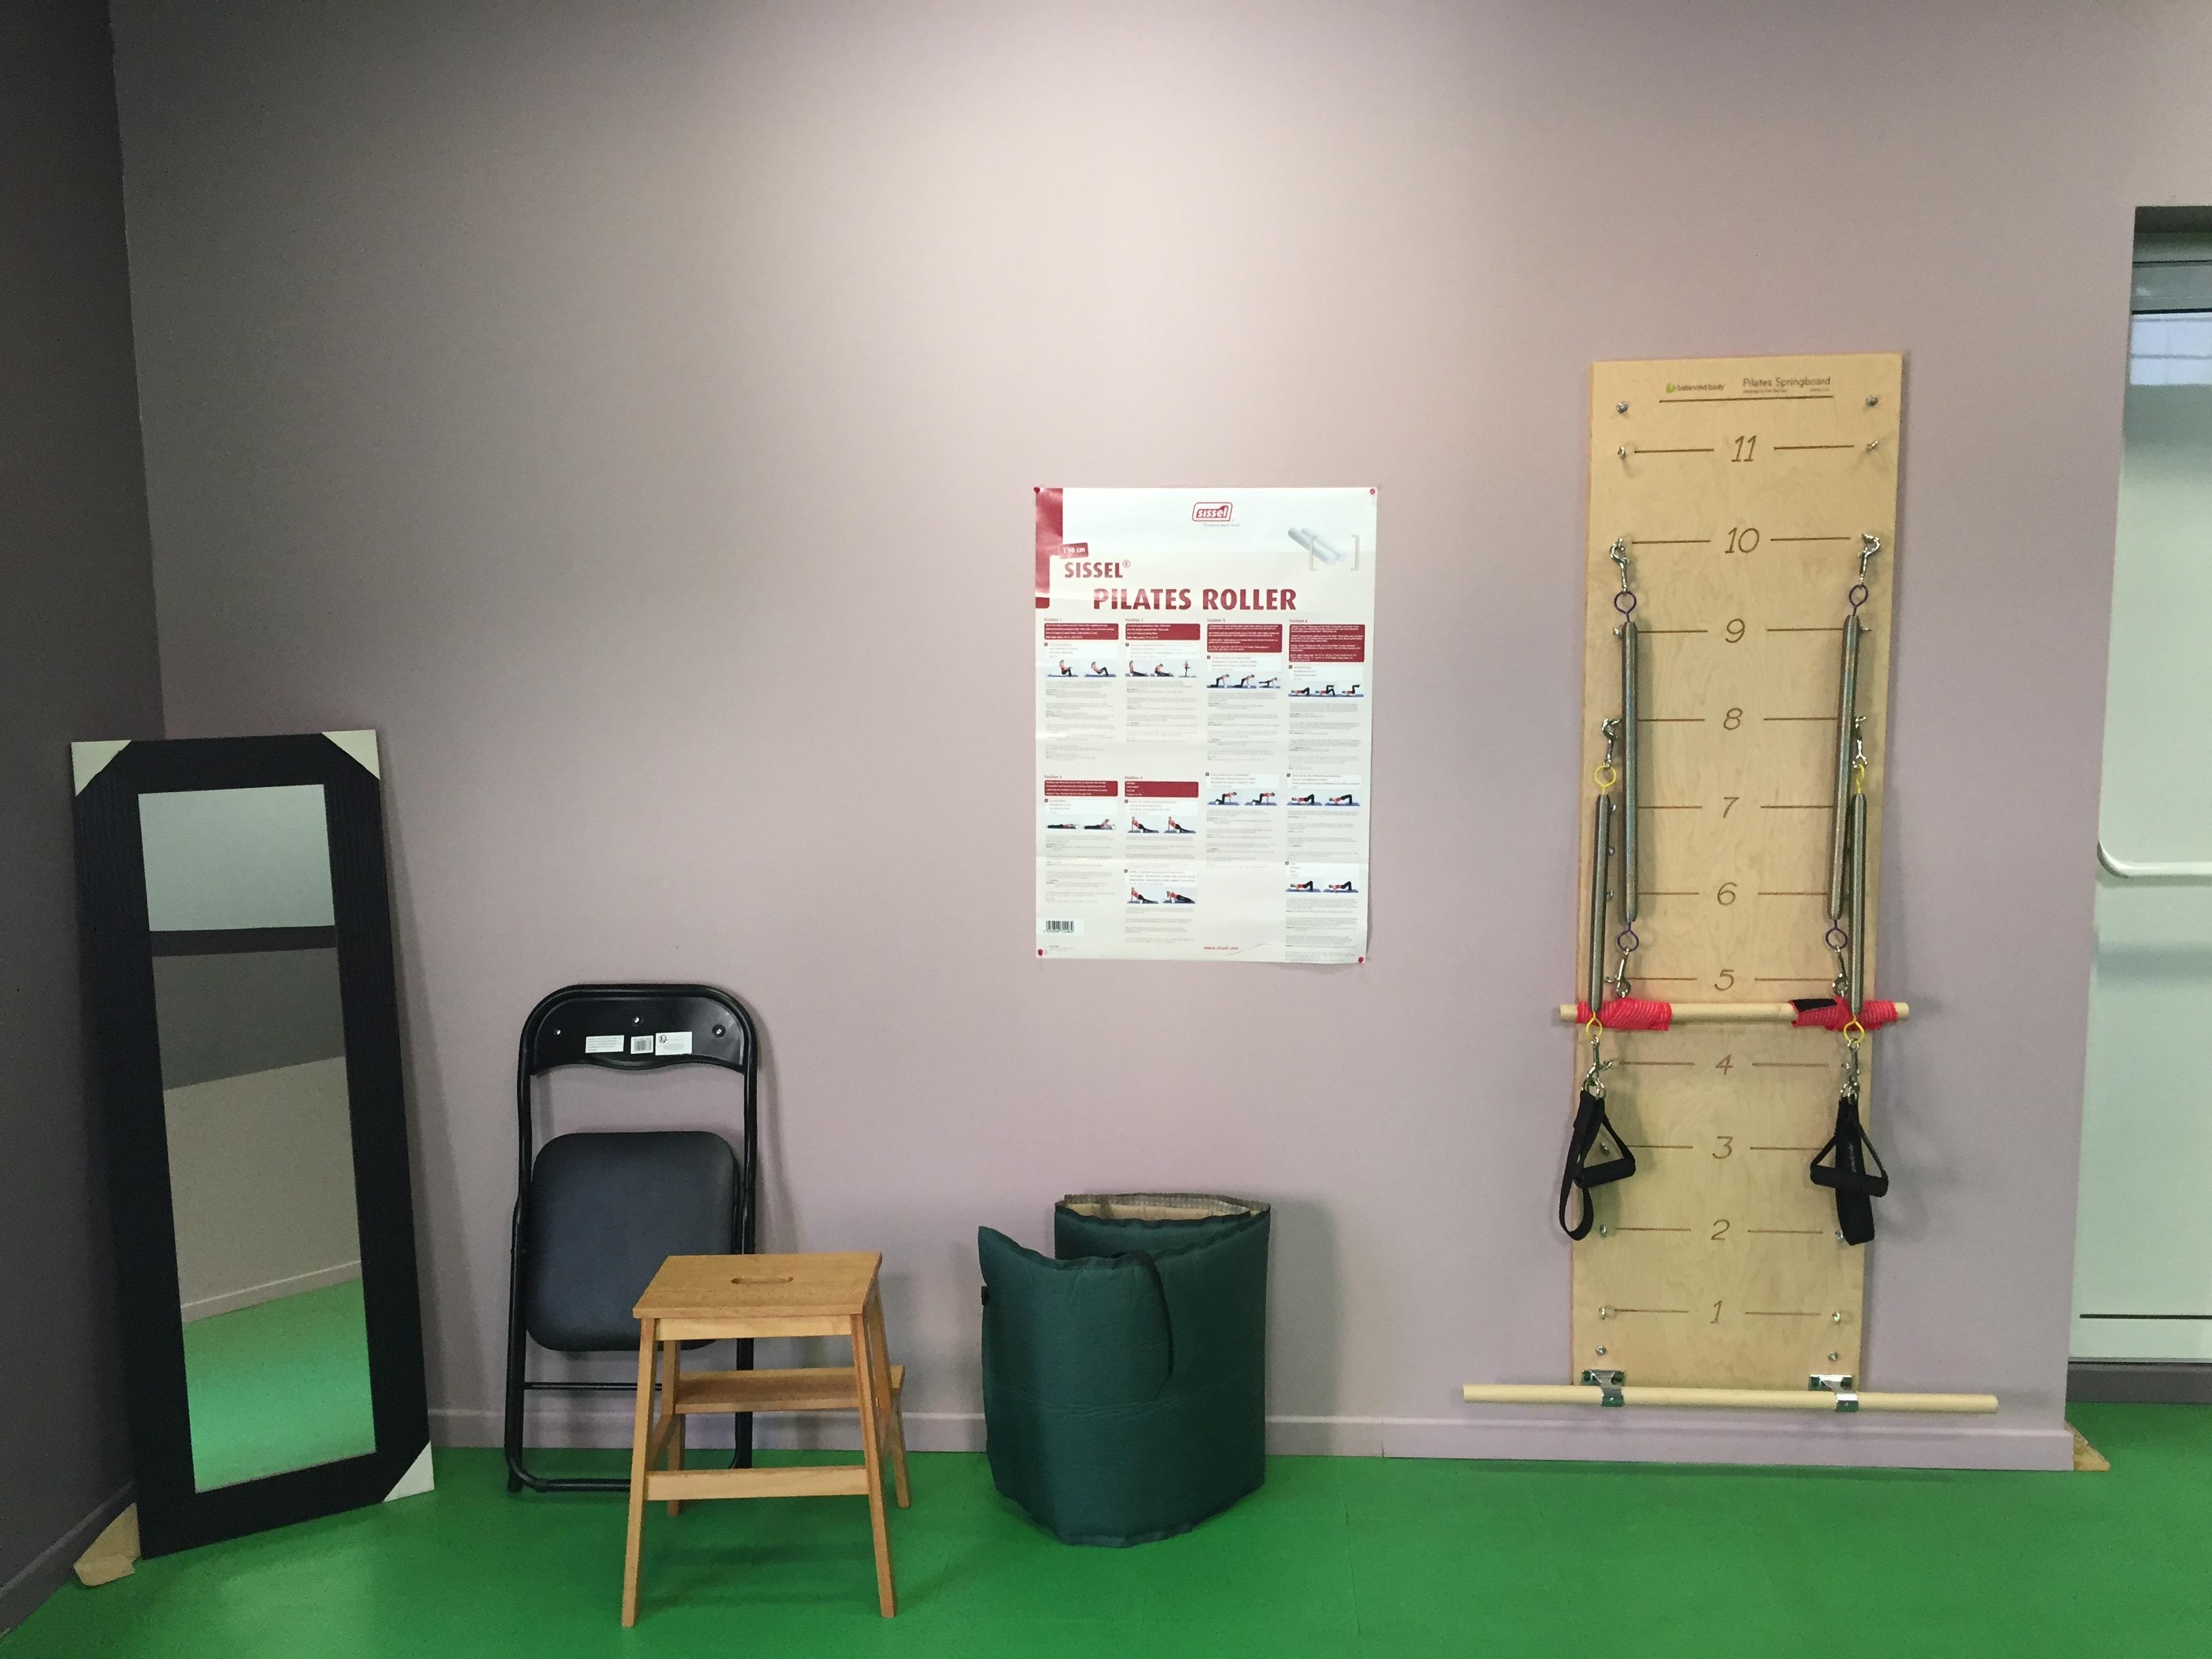 cabinet d'ostéopathie ostéopathe- medecine chinoise-ostéopathie-pilates Arles